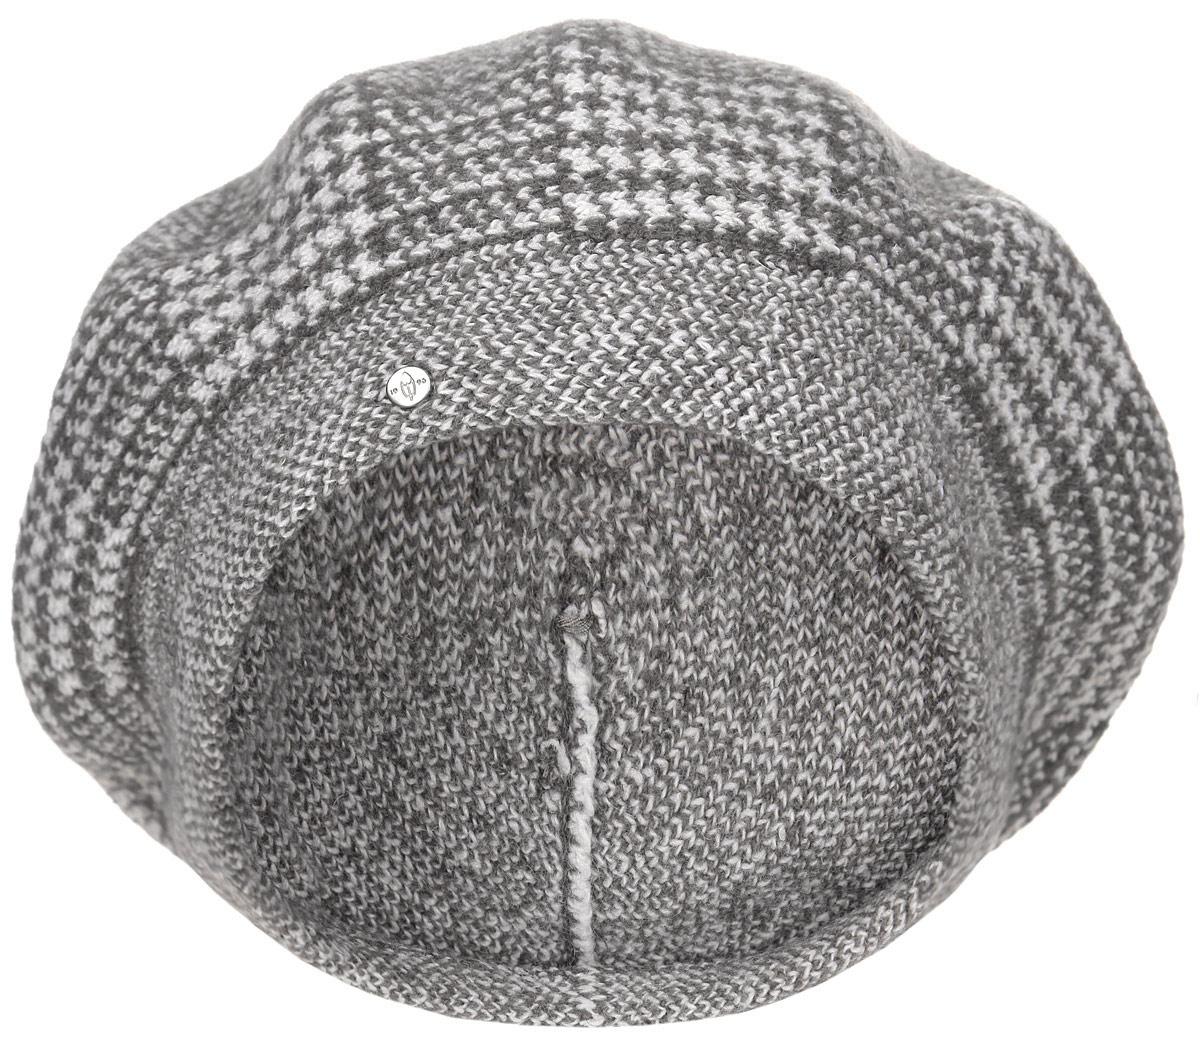 Берет женский Minta3442293Стильный женский берет Canoe Minta отлично дополнит ваш образ в холодную погоду. Сочетание используемых материалов максимально сохраняет тепло и обеспечивает удобную посадку. Берет украшен небольшим декоративным элементом с изображением логотипа бренда. Привлекательный стильный берет Canoe Minta подчеркнет ваш неповторимый стиль и индивидуальность.